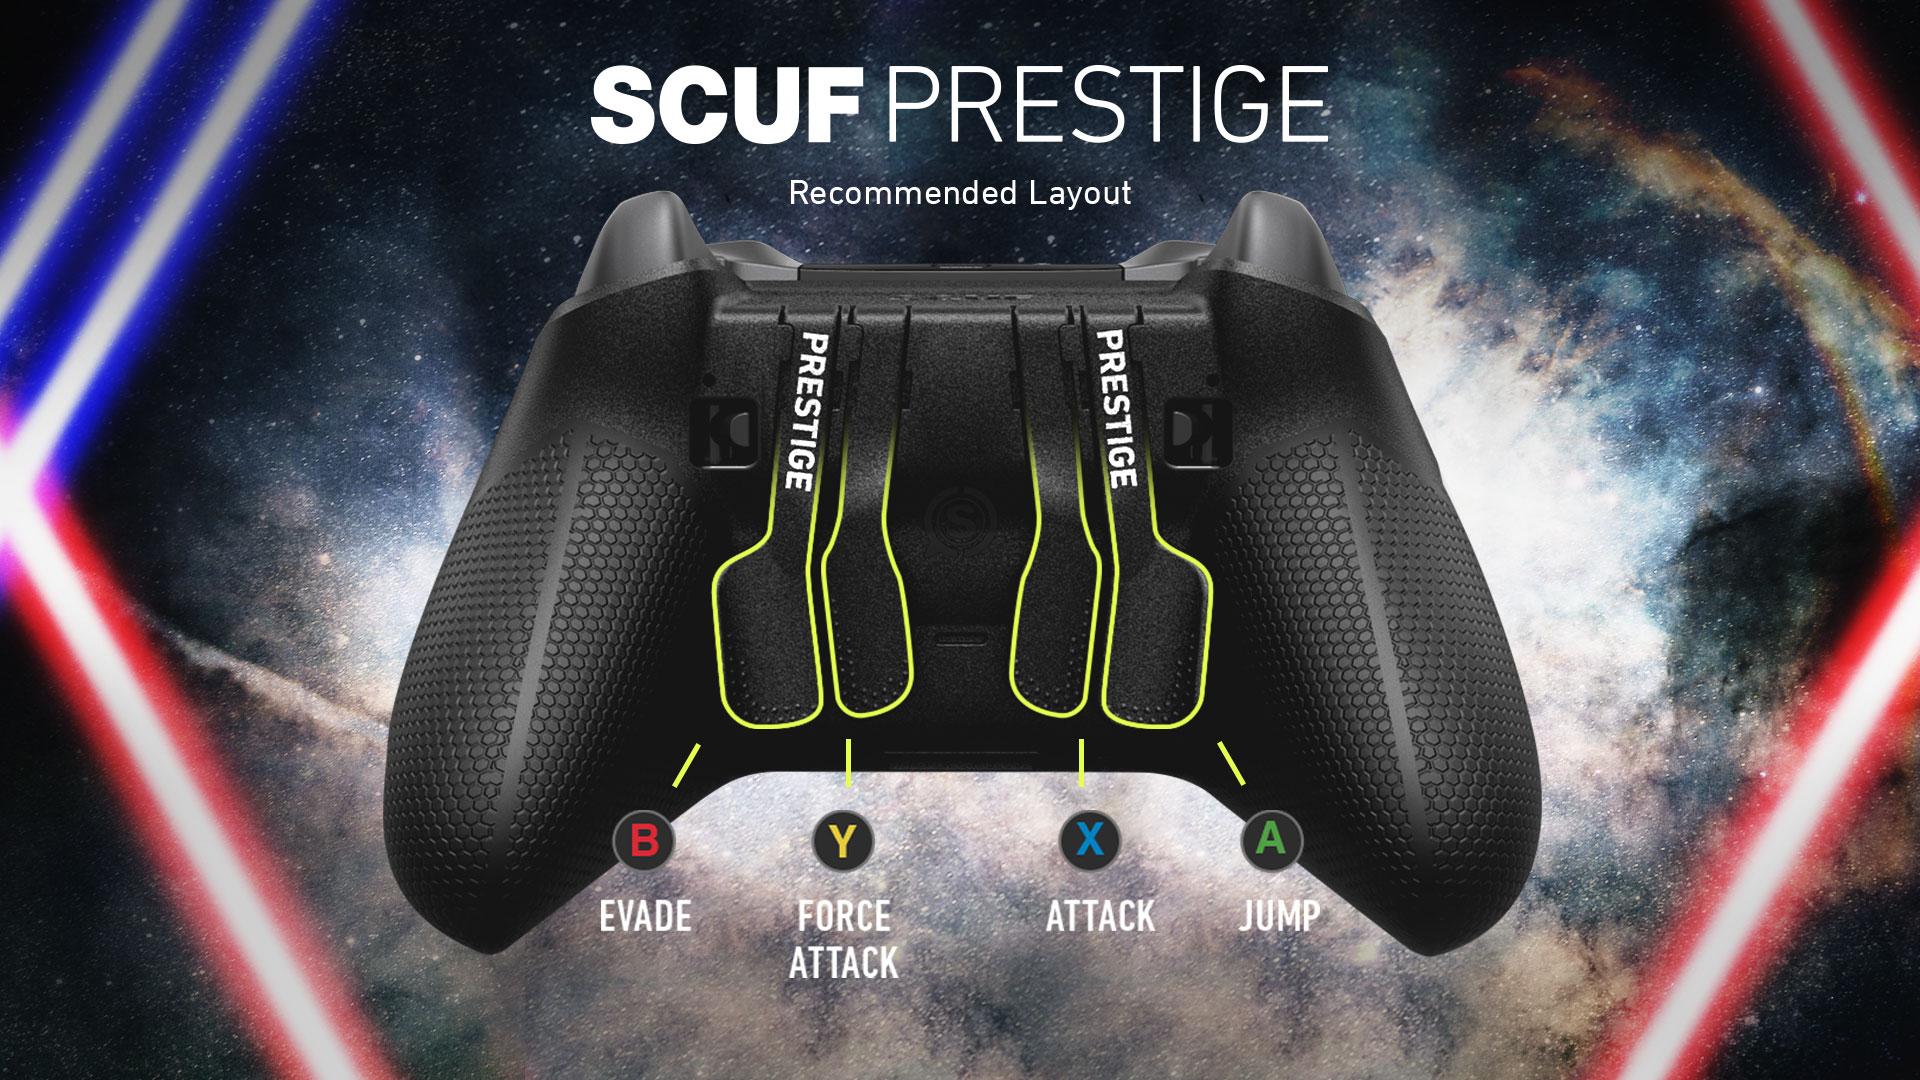 SCUF Prestige Star Wars Jedi Controller Configuration